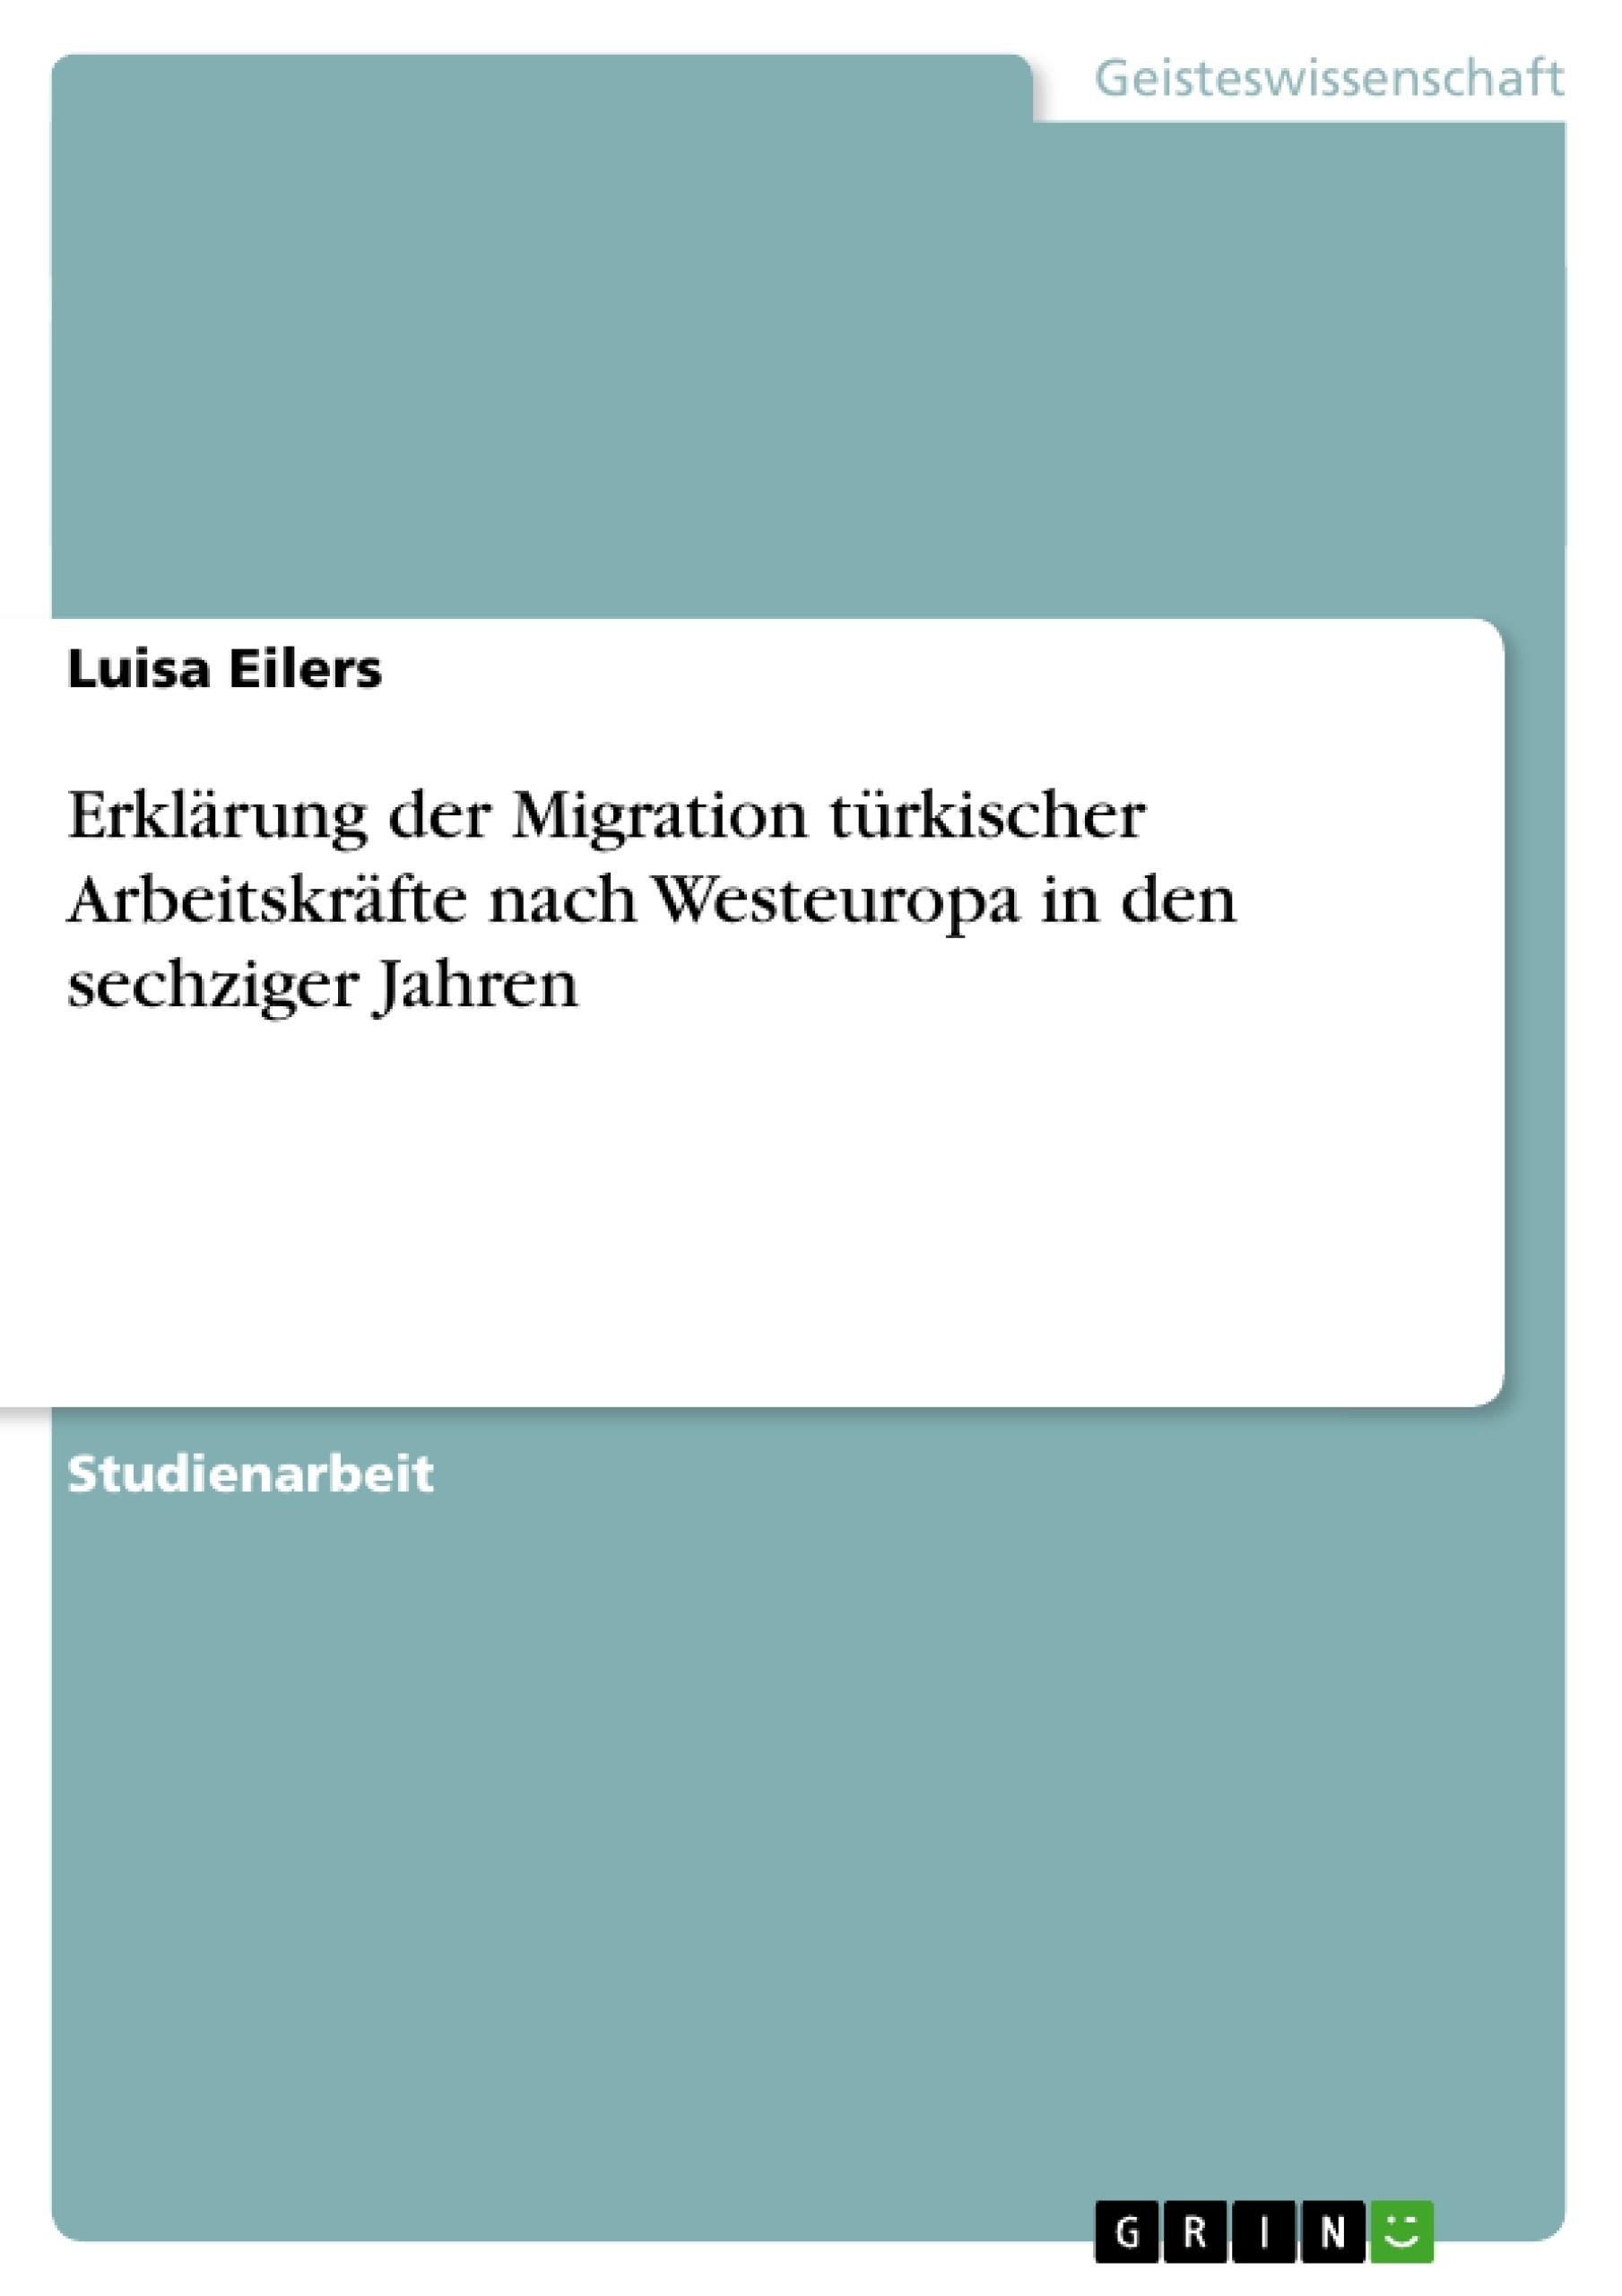 Titel: Erklärung der Migration türkischer Arbeitskräfte nach Westeuropa in den sechziger Jahren